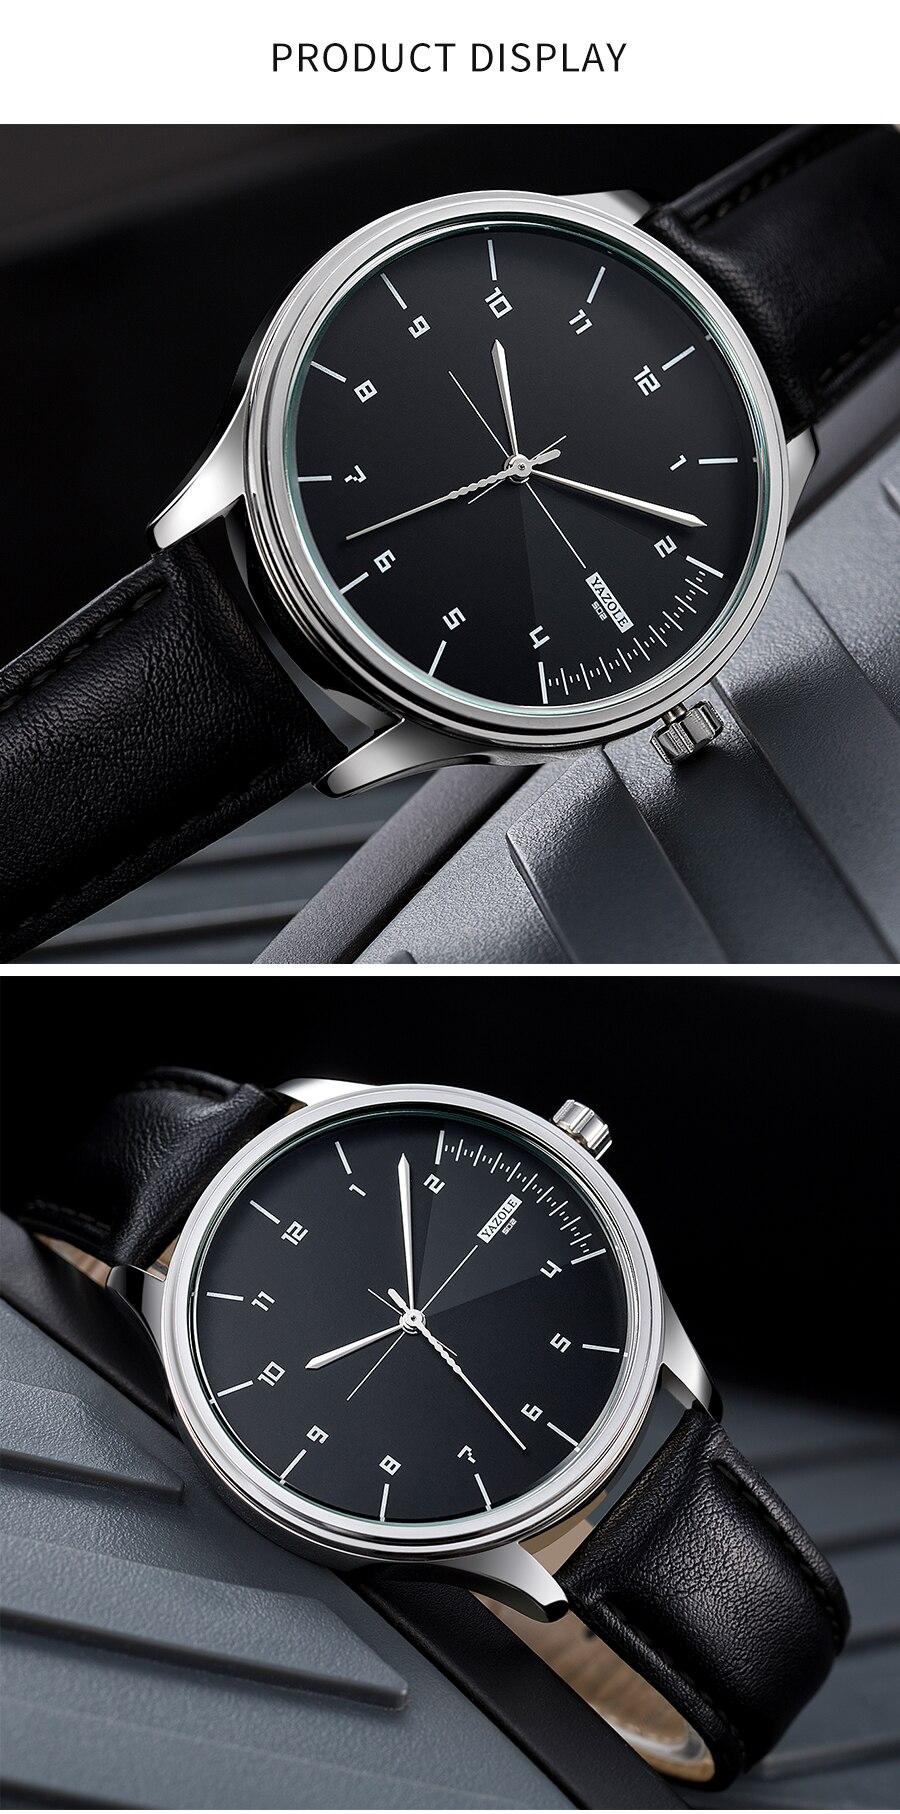 H30b991103c3e4254adc7c4abbd91013eM Yazole Watch simple stylish business